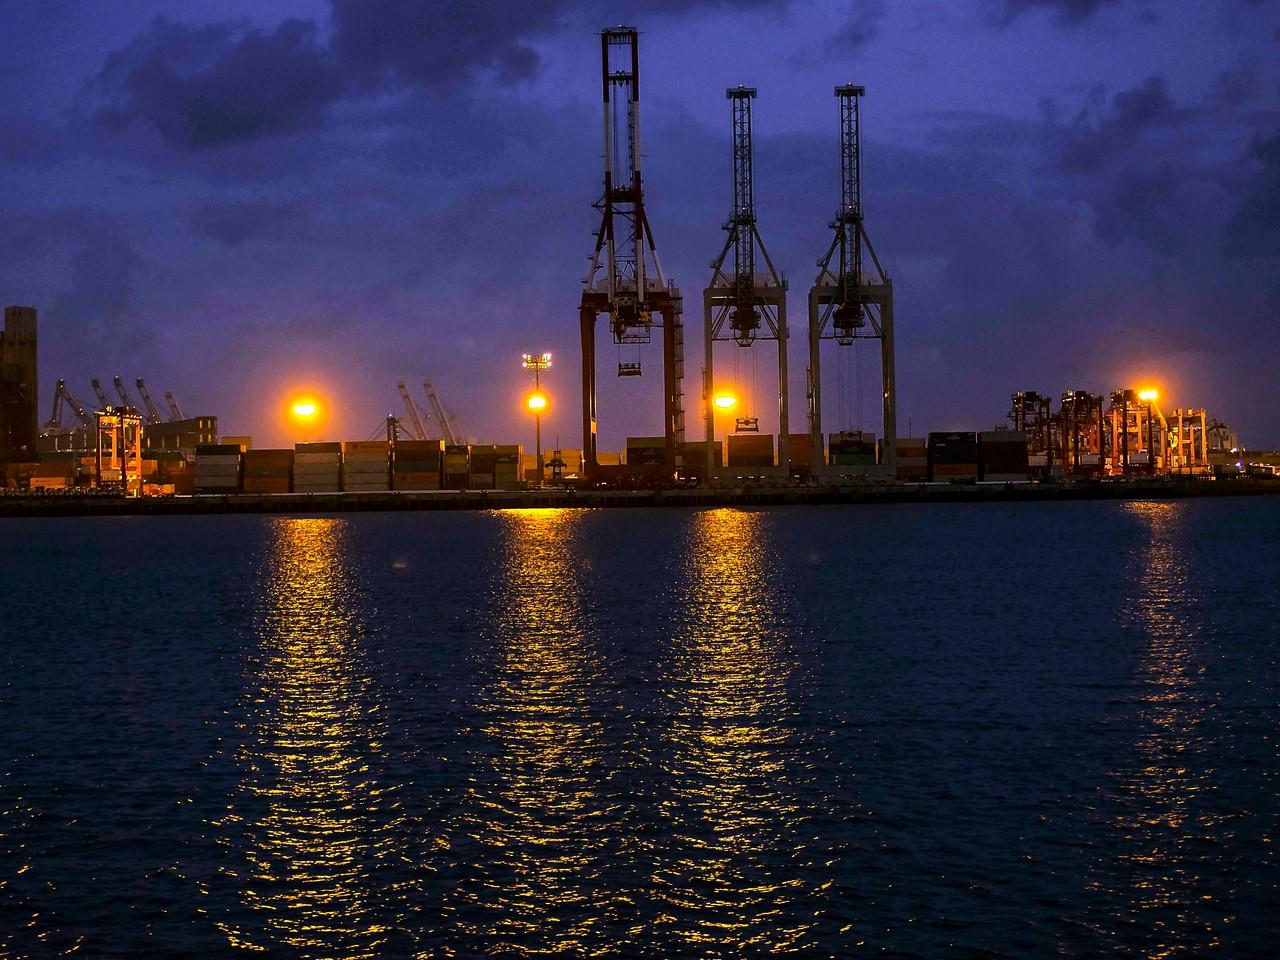 Dusk cloaks the Port